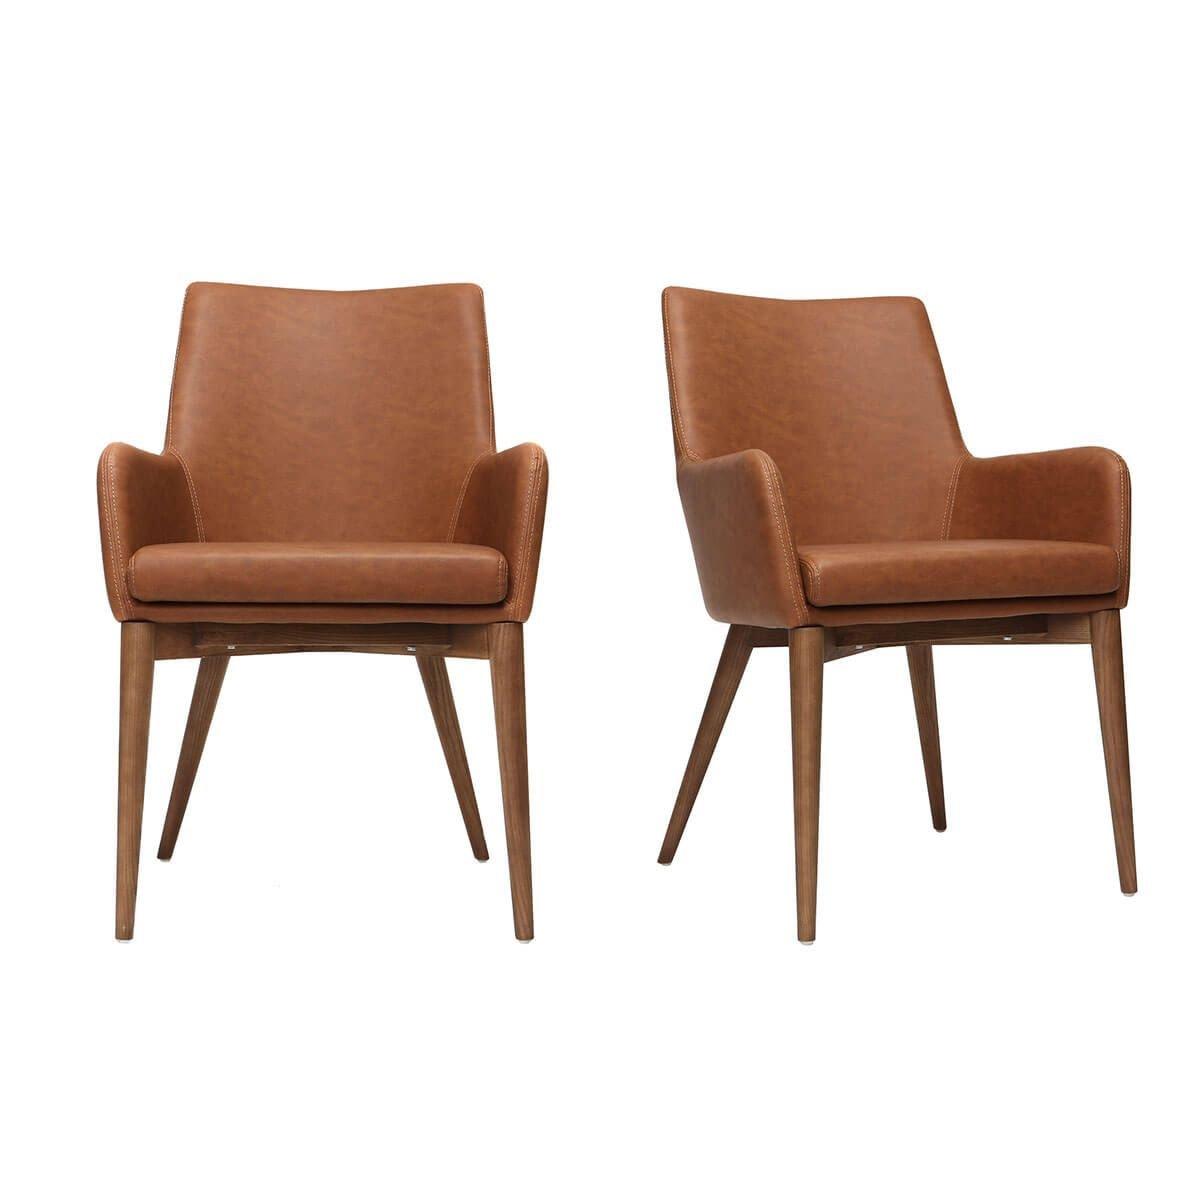 Miliboo - Lote de 2 sillones vintage PU marrón y madera ...